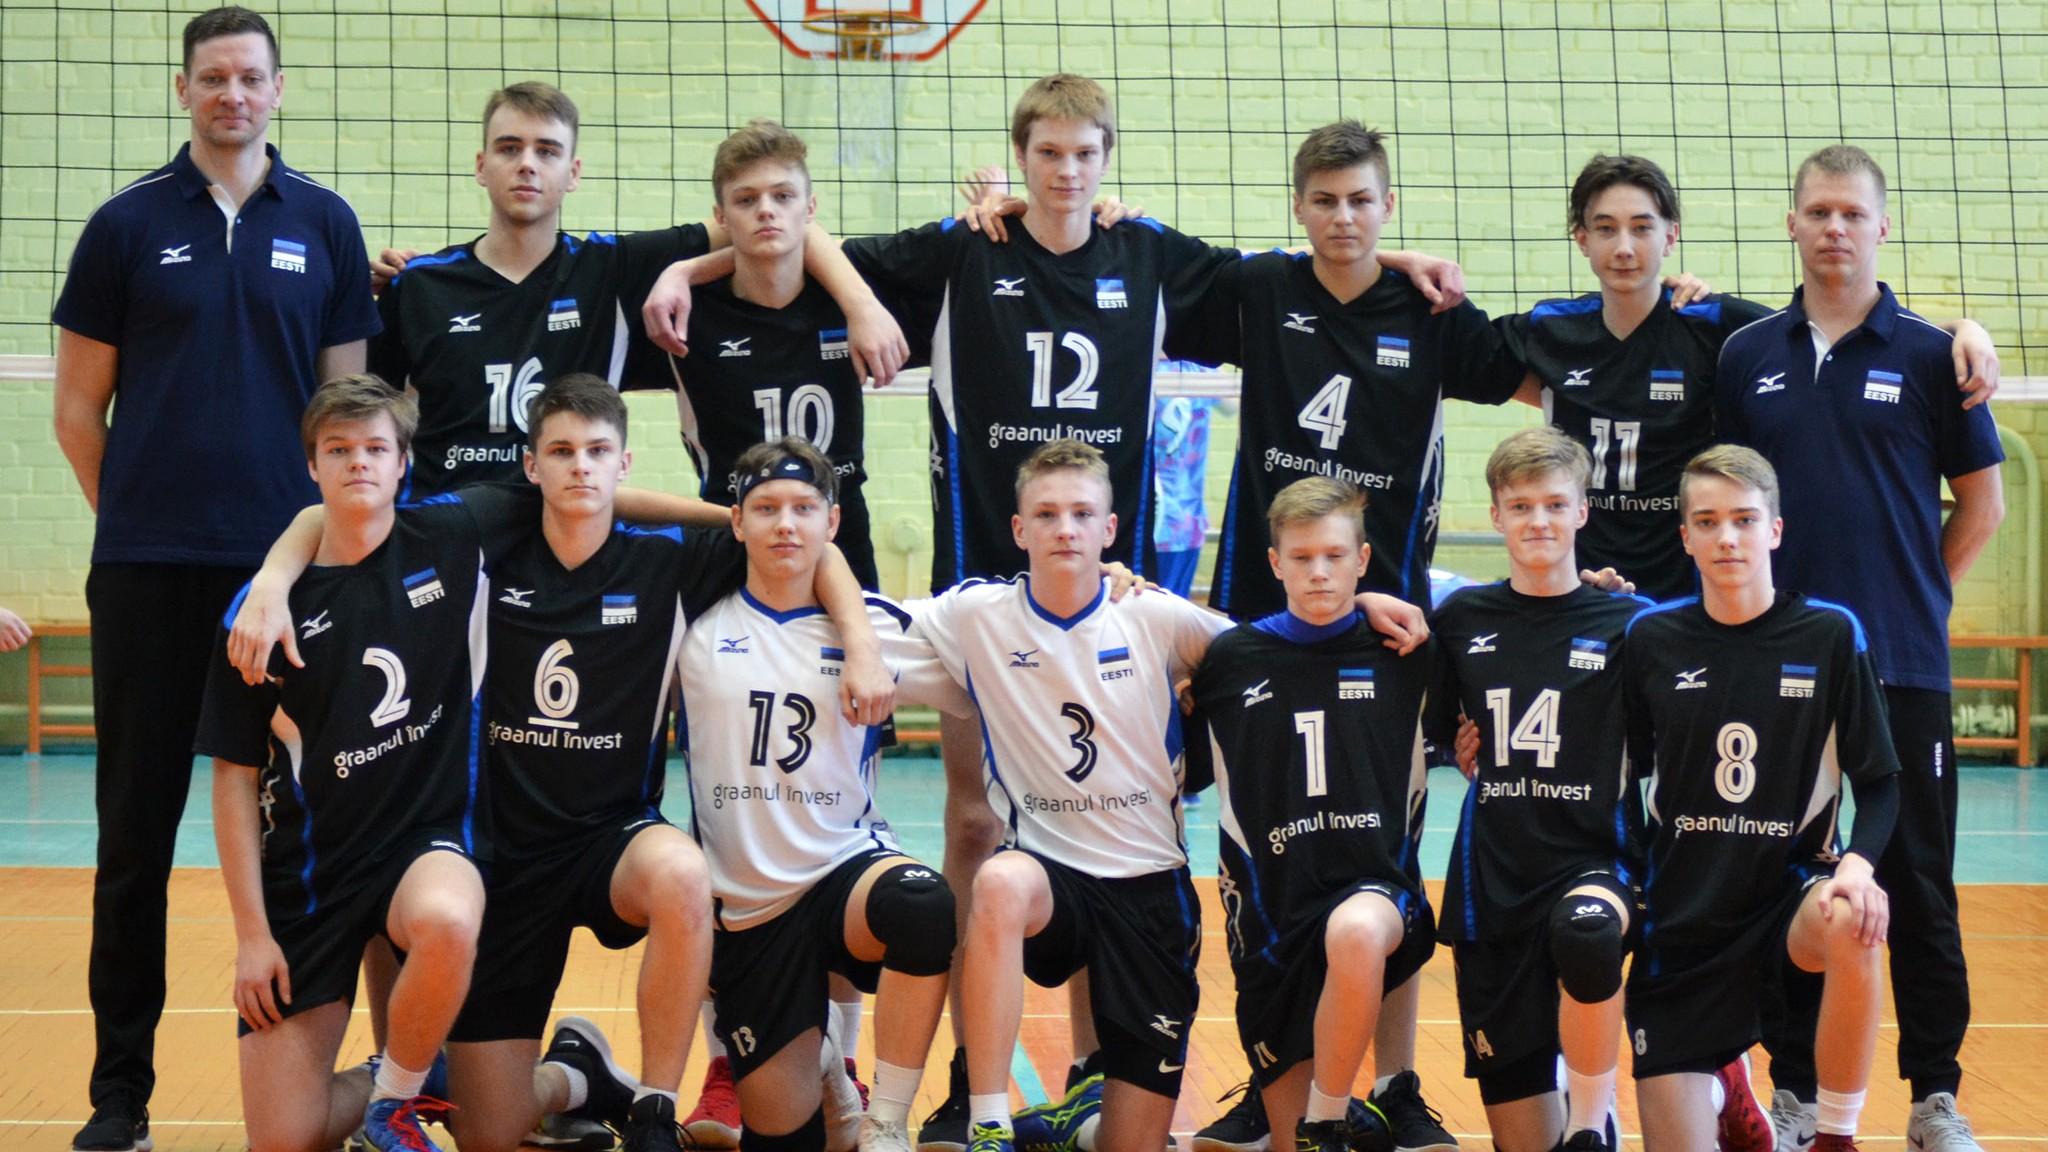 Eesti U17 koondis alustas EM-valikturniiri kaotusega